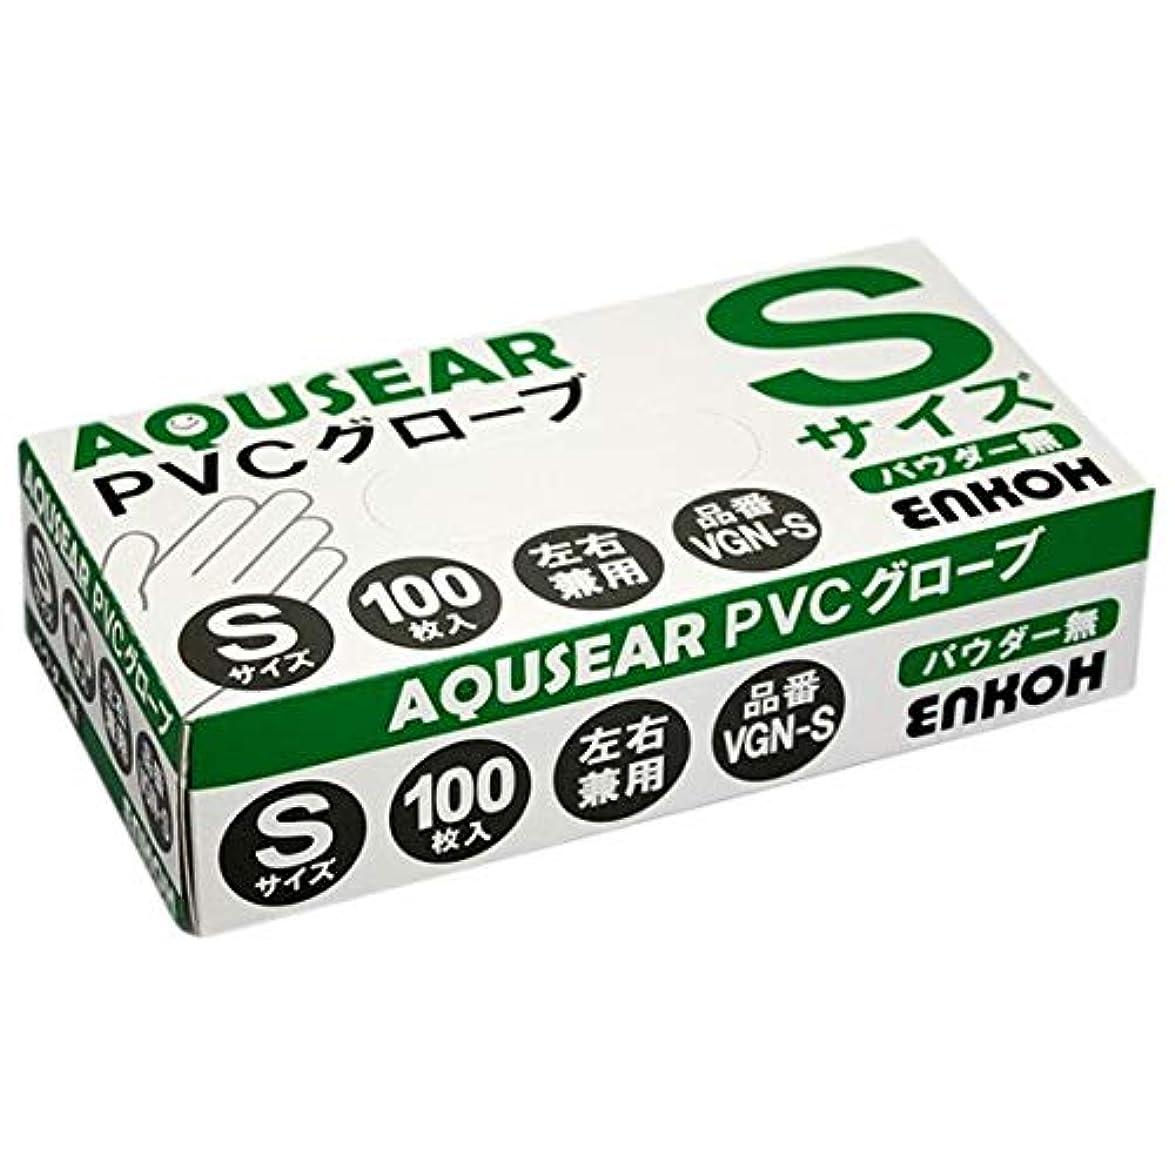 蛾フィヨルド百万AQUSEAR PVC プラスチックグローブ Sサイズ パウダー無 VGN-S 100枚×20箱